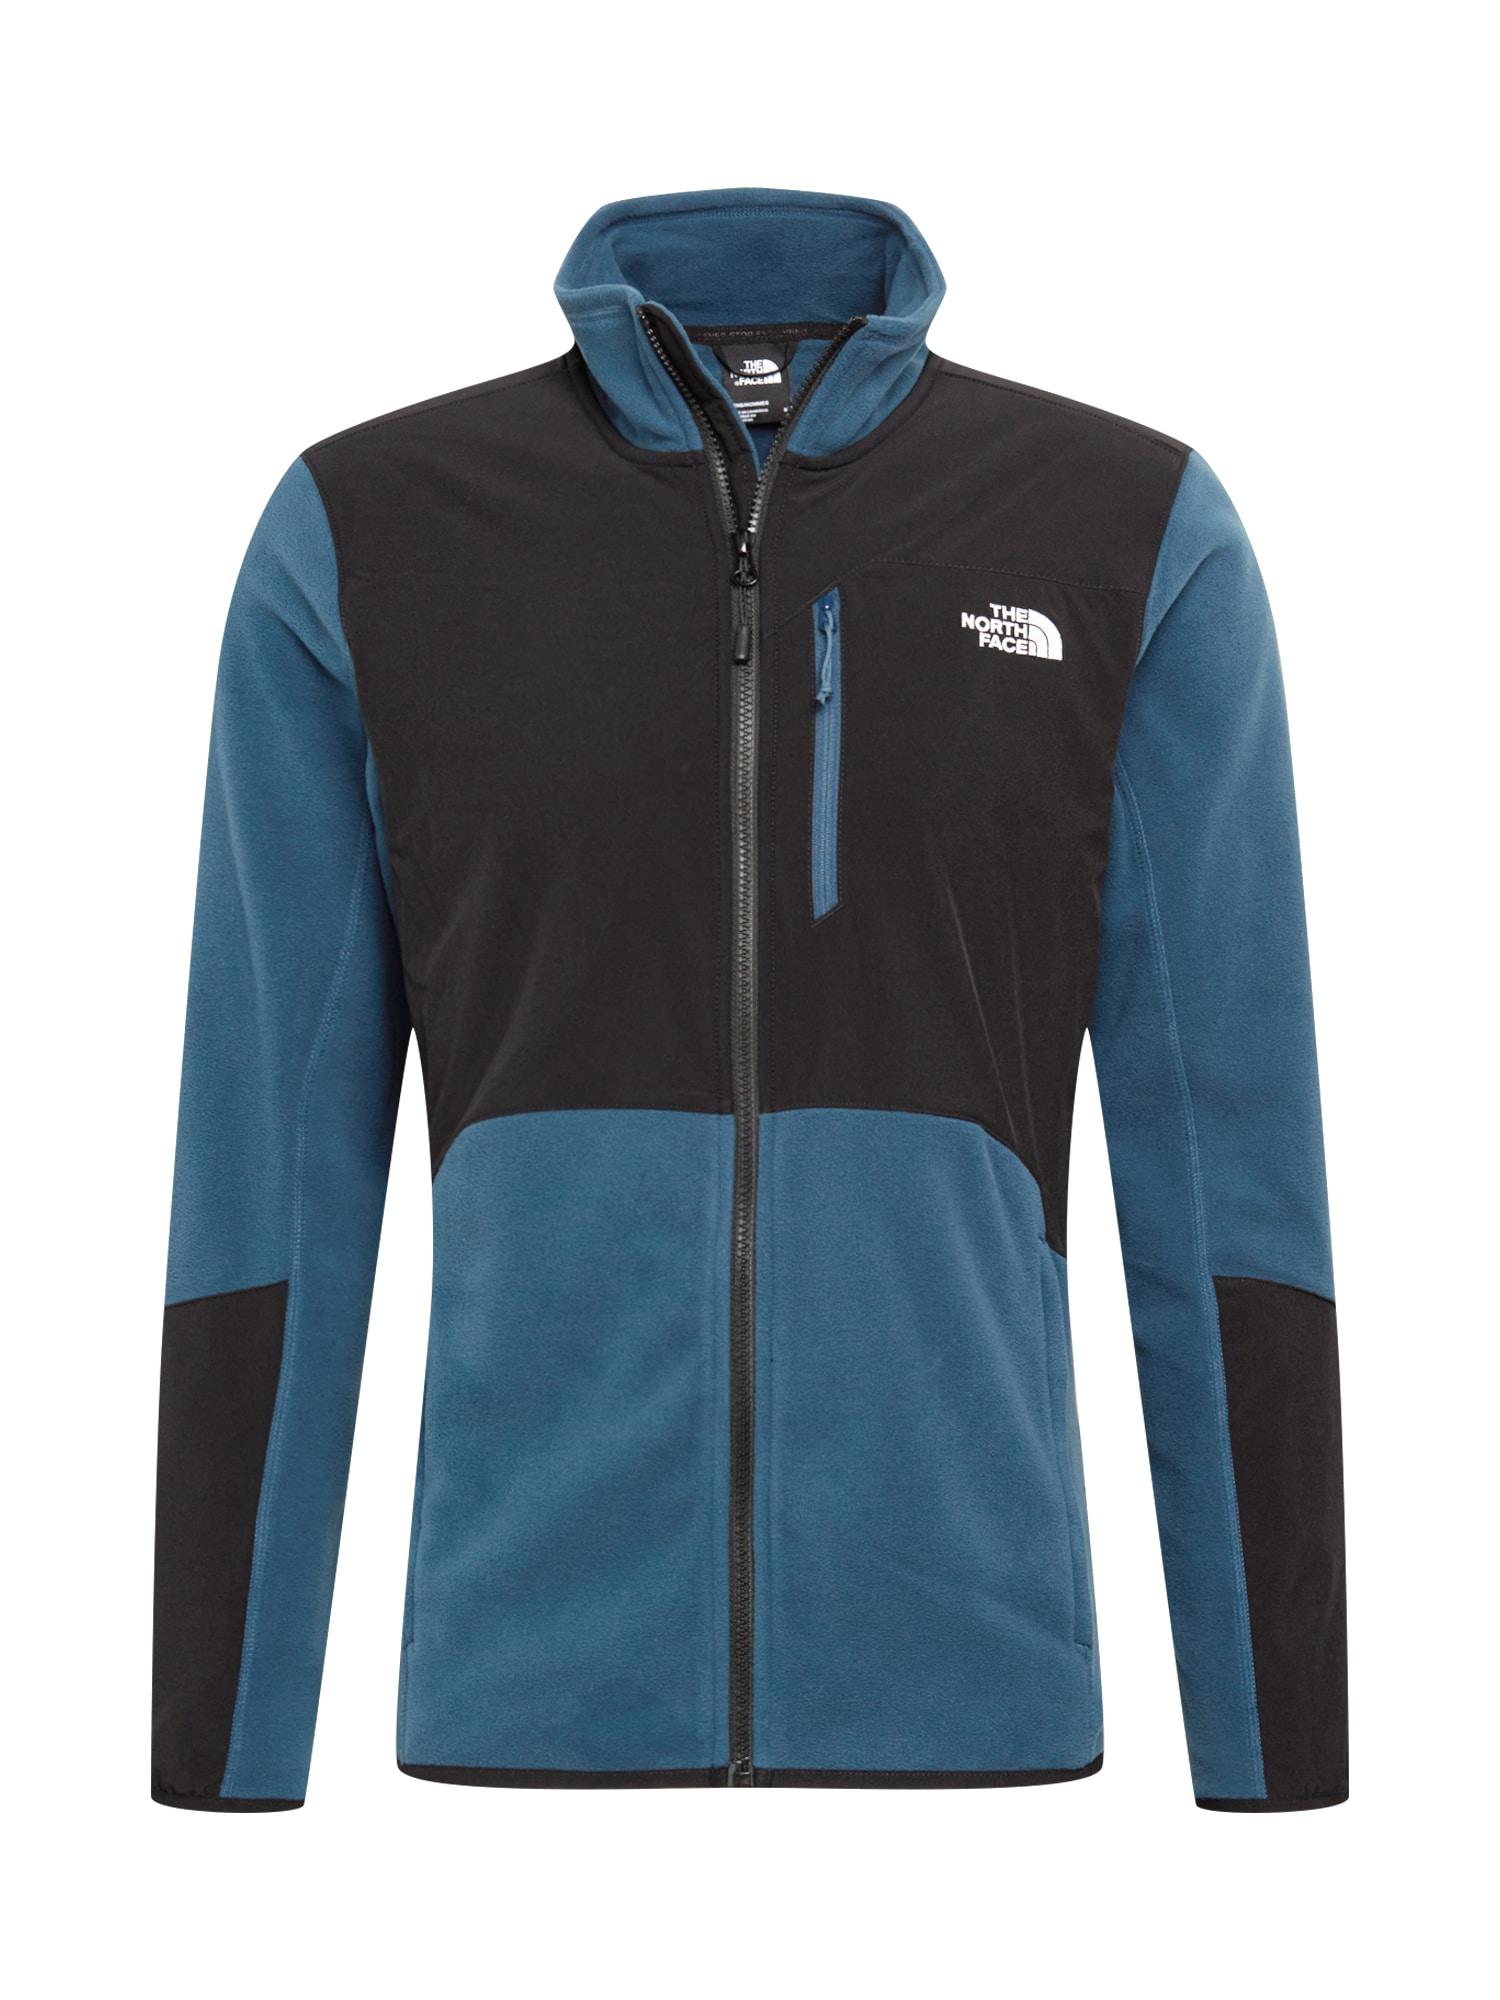 THE NORTH FACE Sportovní bunda 'GLACIER'  modrá / námořnická modř